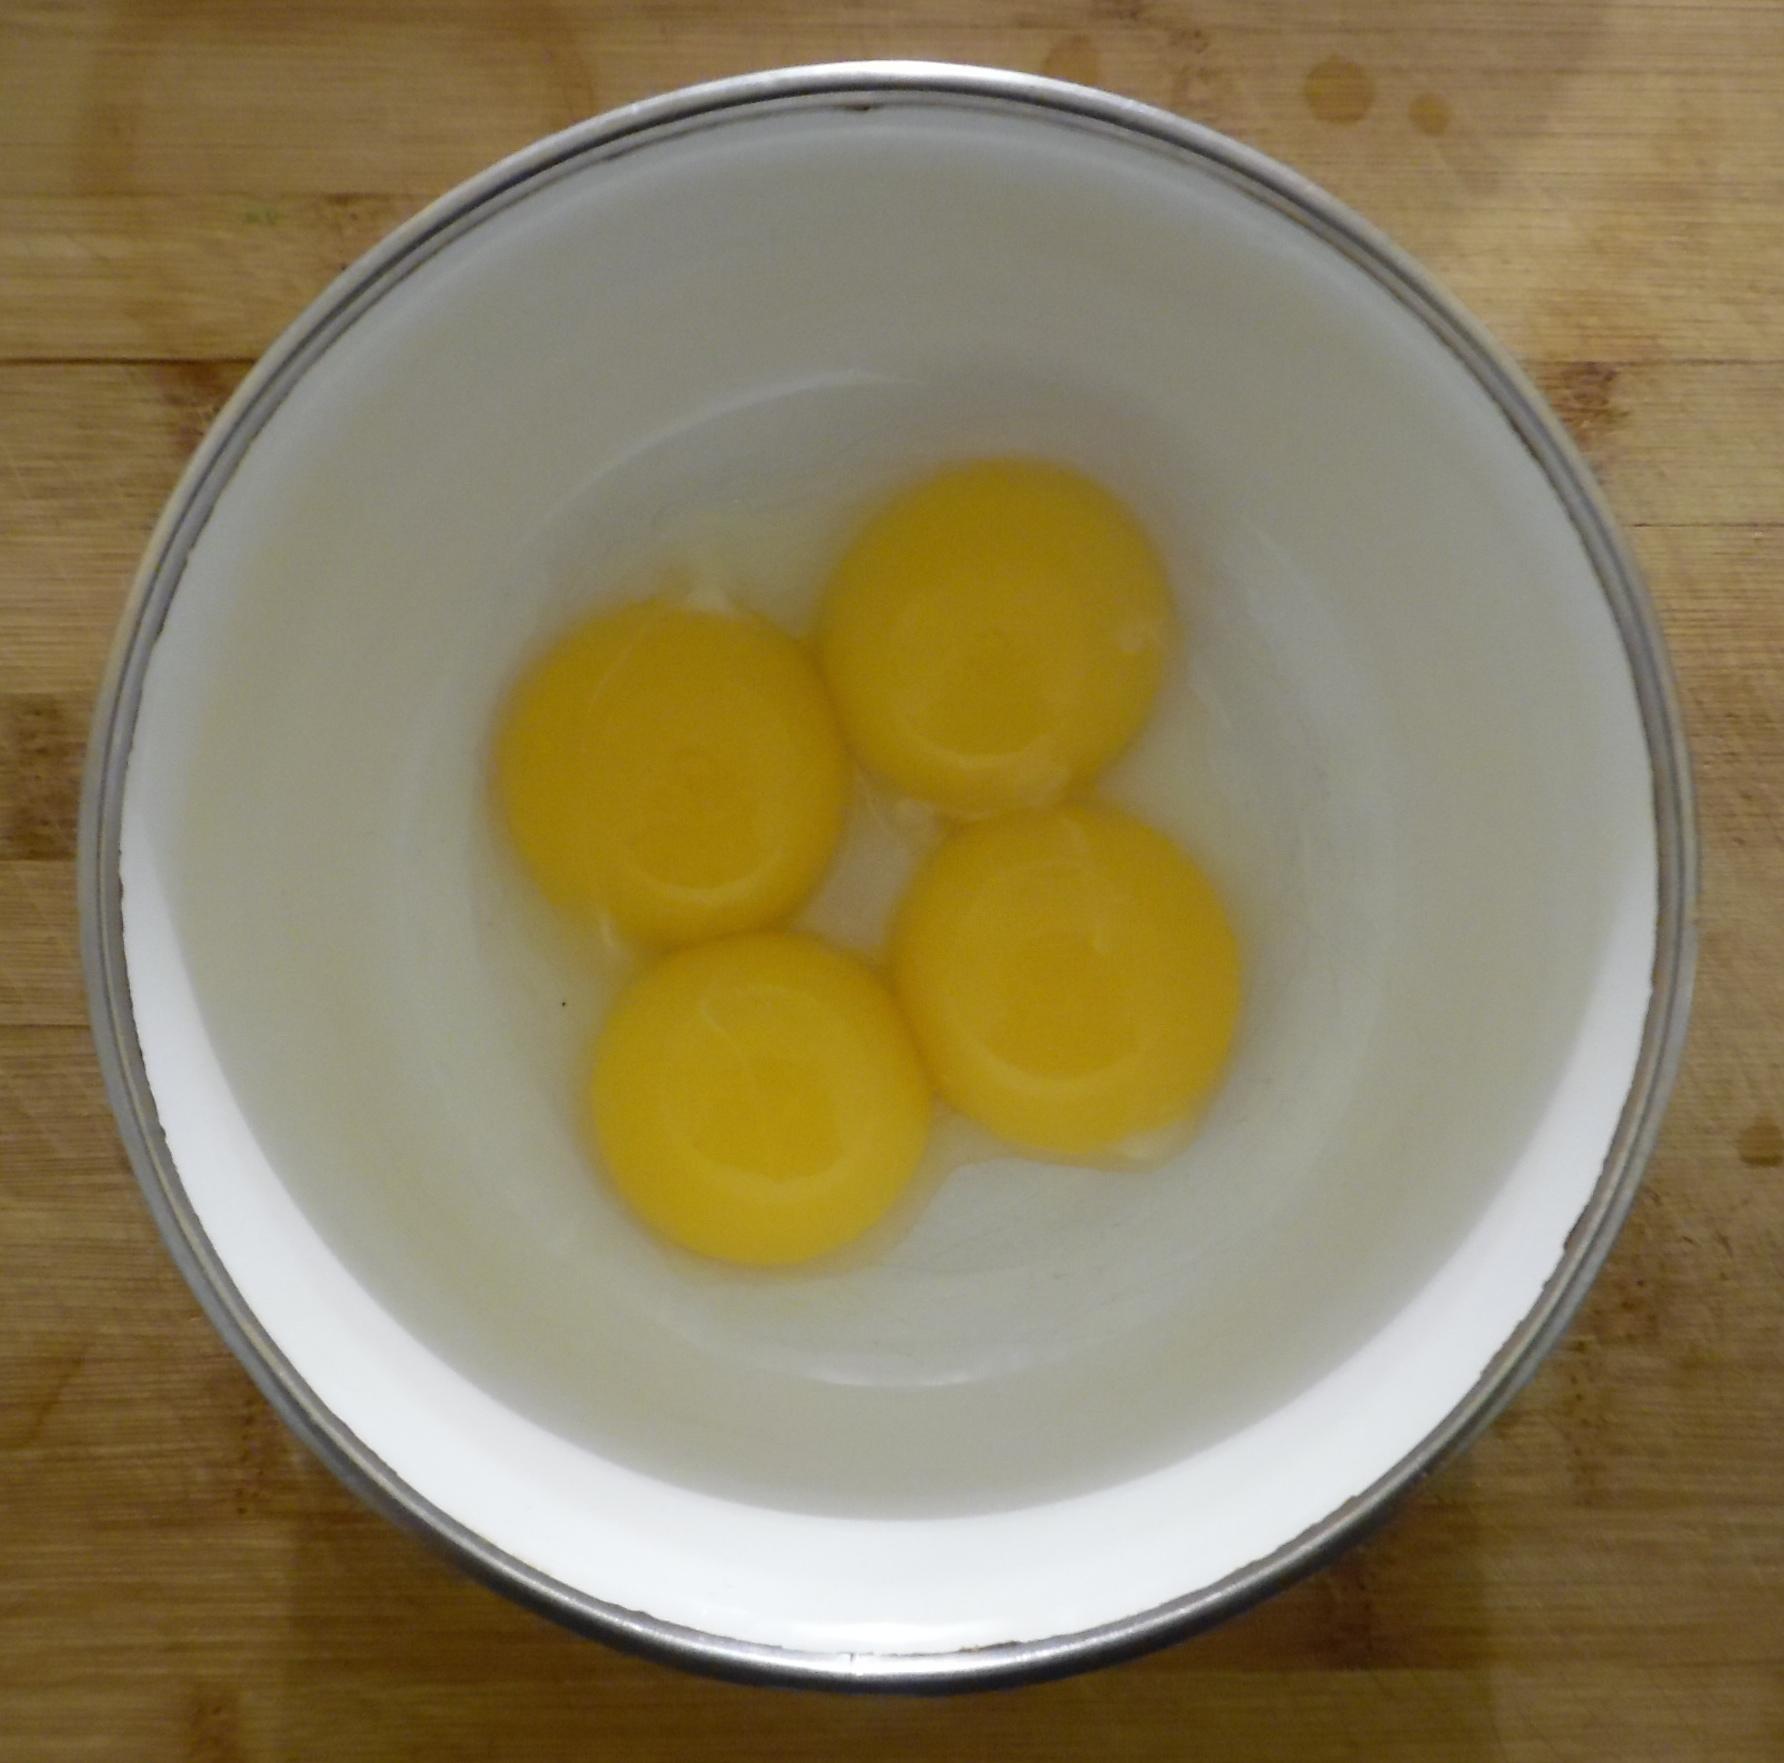 Four extra-large egg yolks.